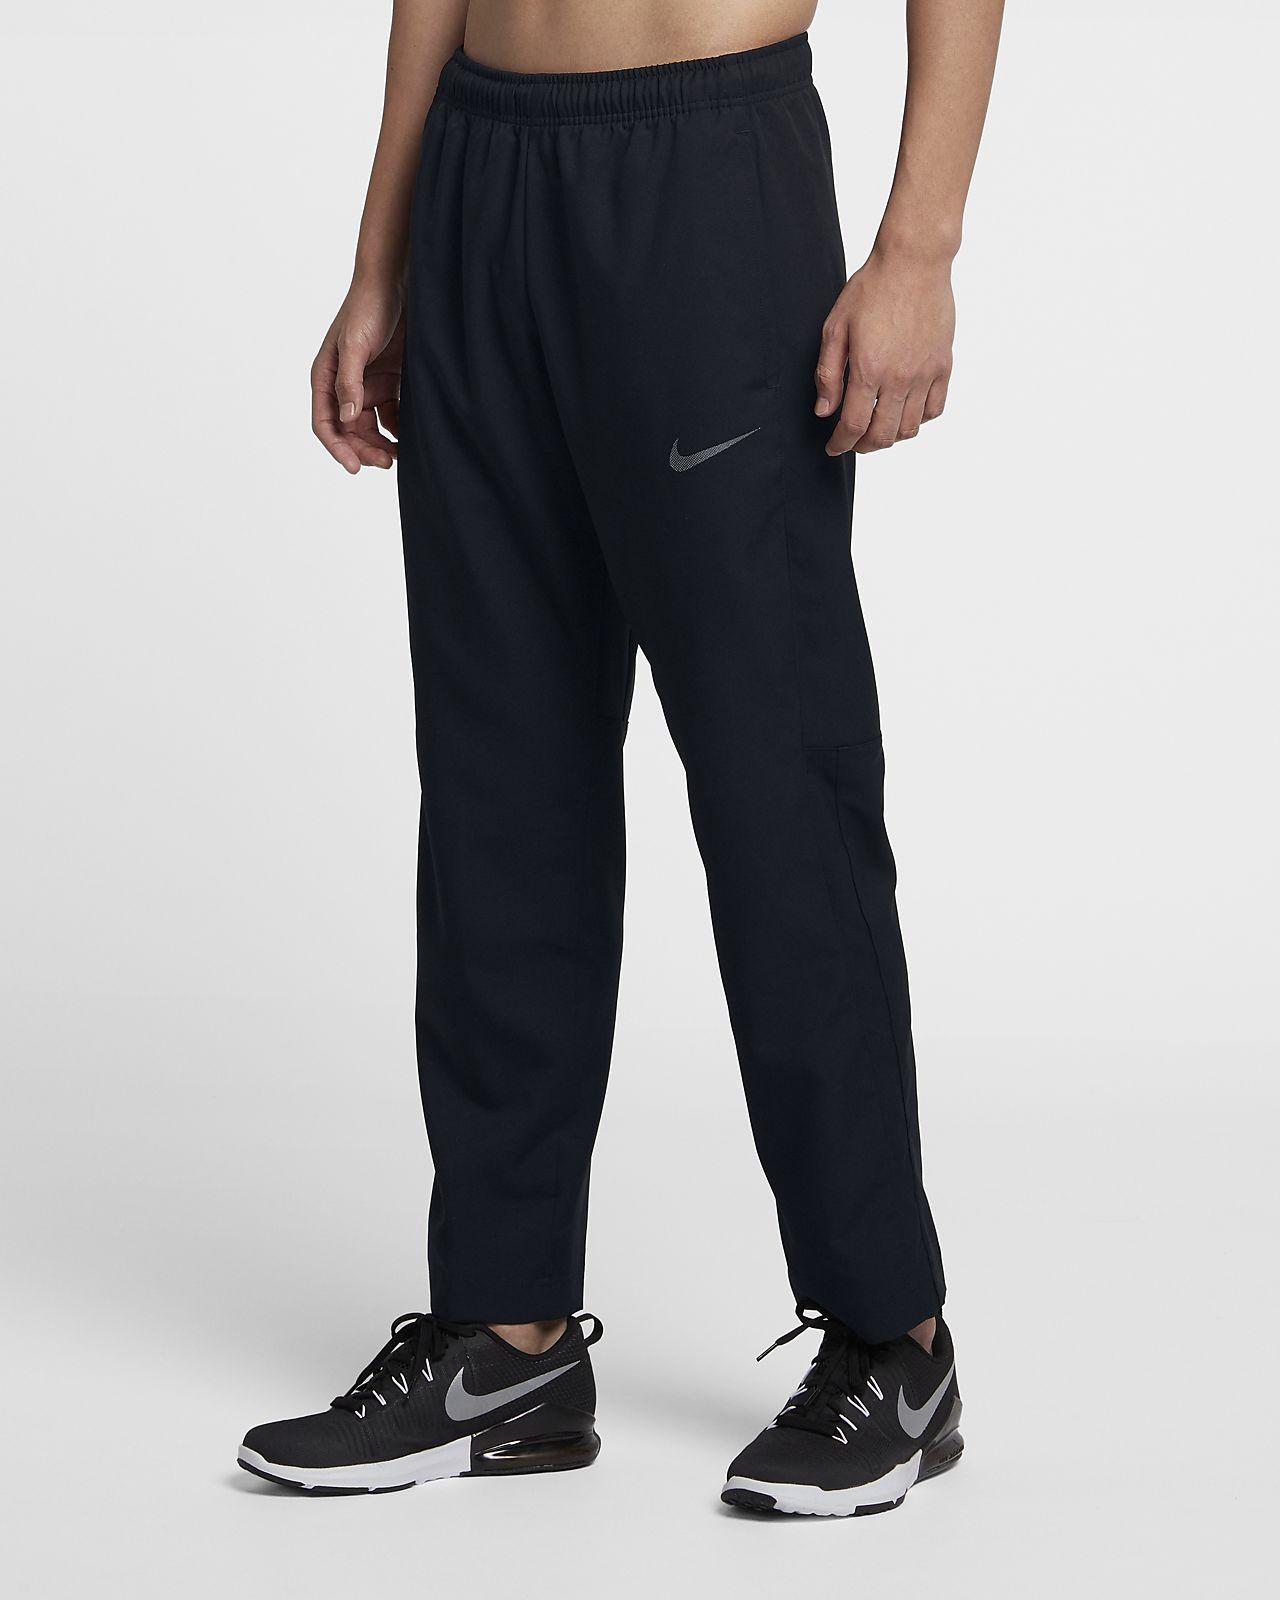 Nike Dri FIT træningsbukser til mænd